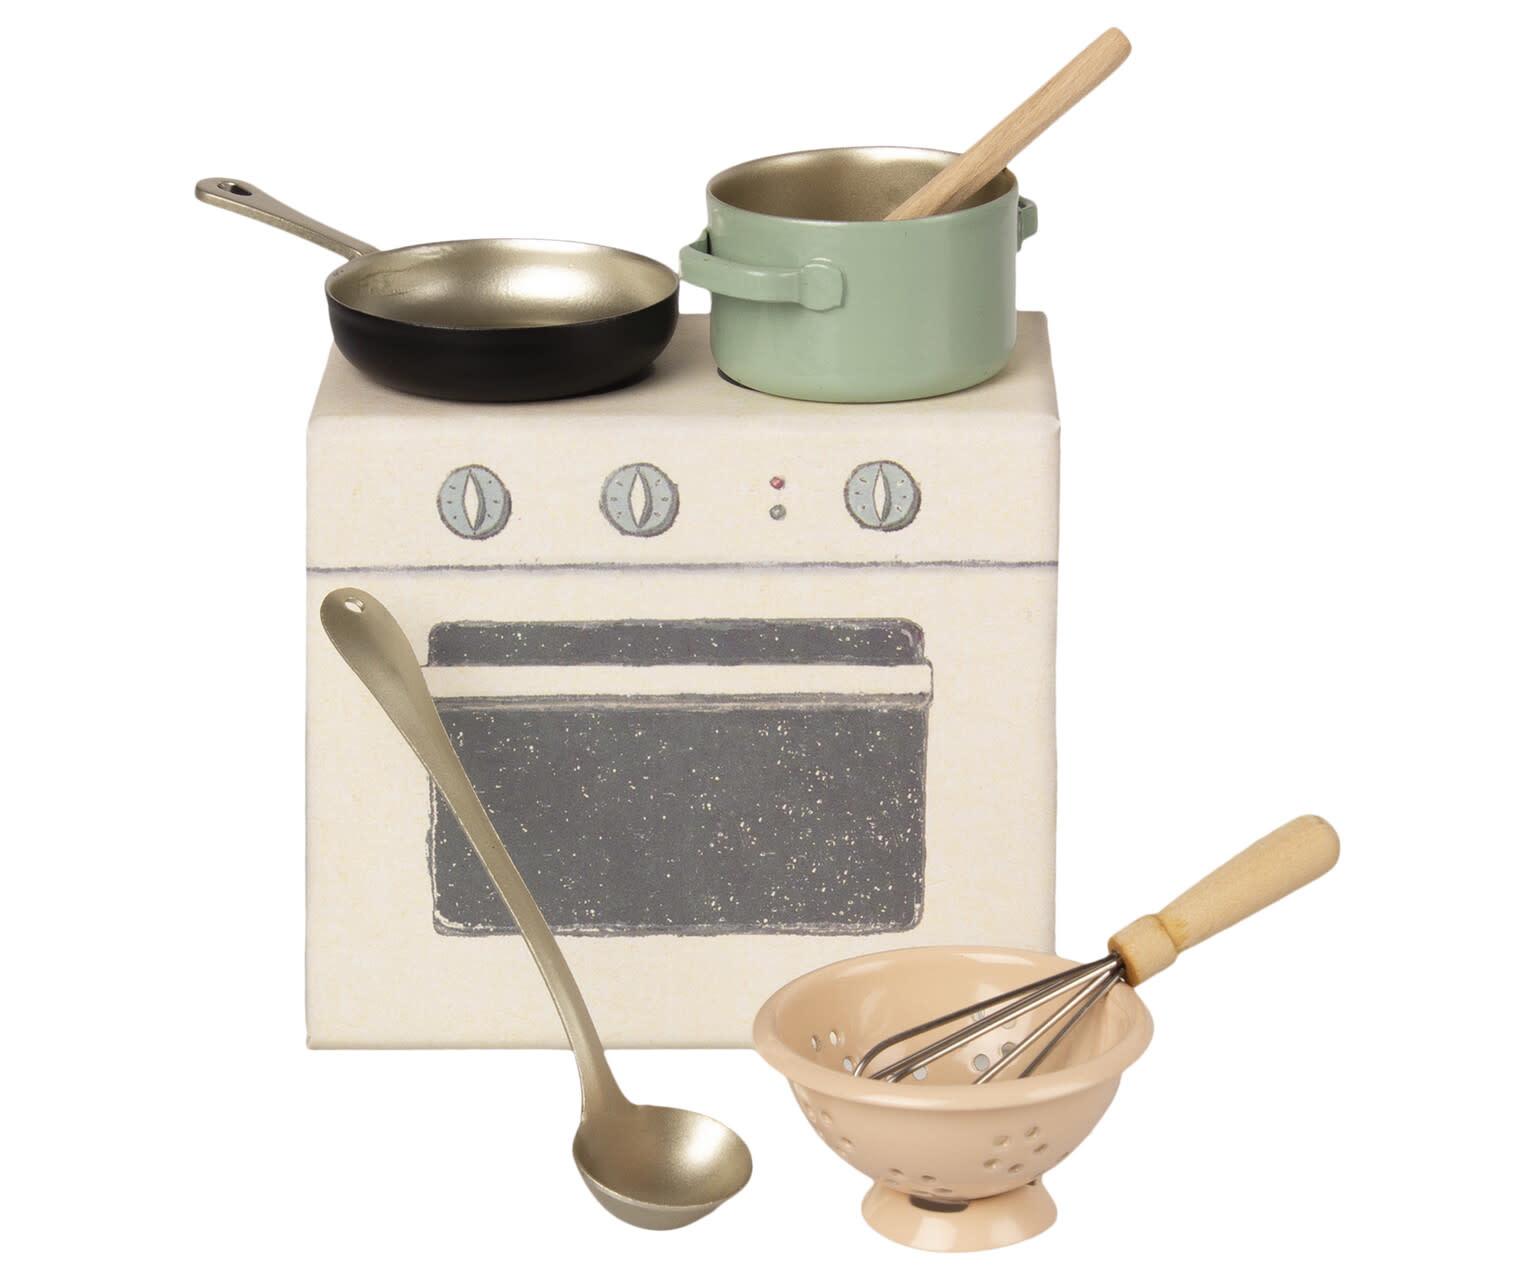 Cooking set-1